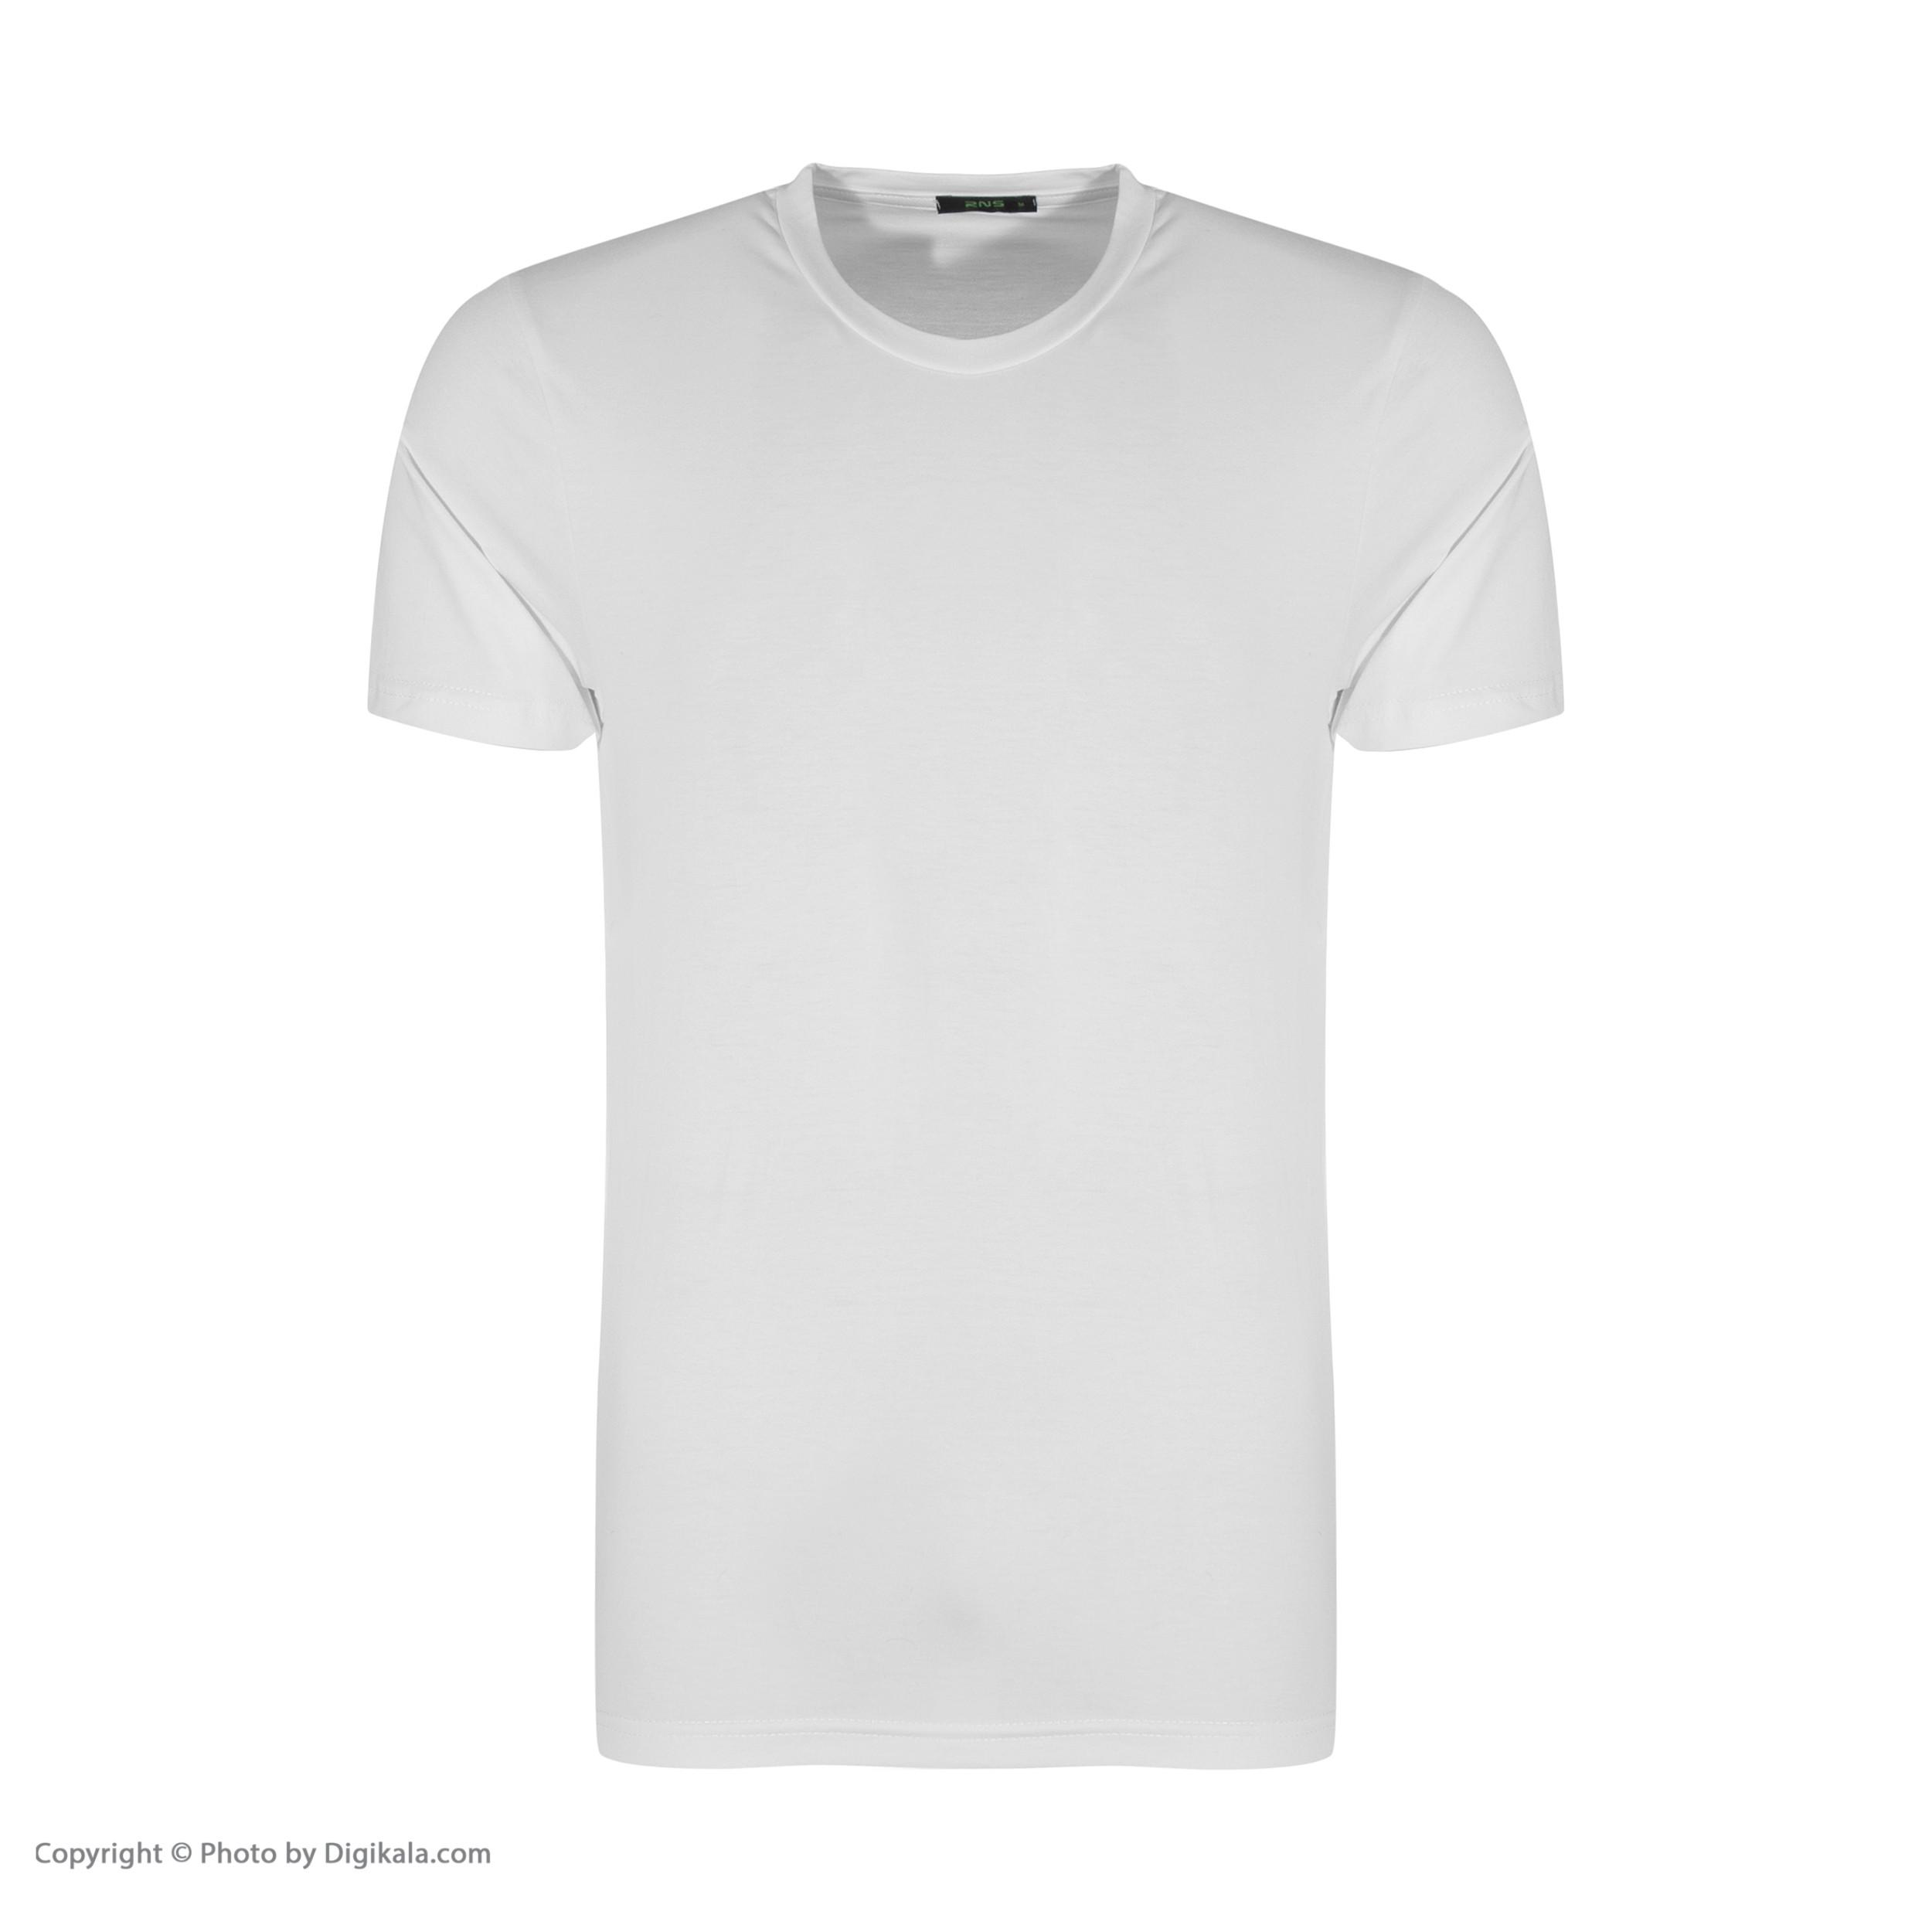 تصویر تی شرت مردانه آر ان اس مدل 131005-93